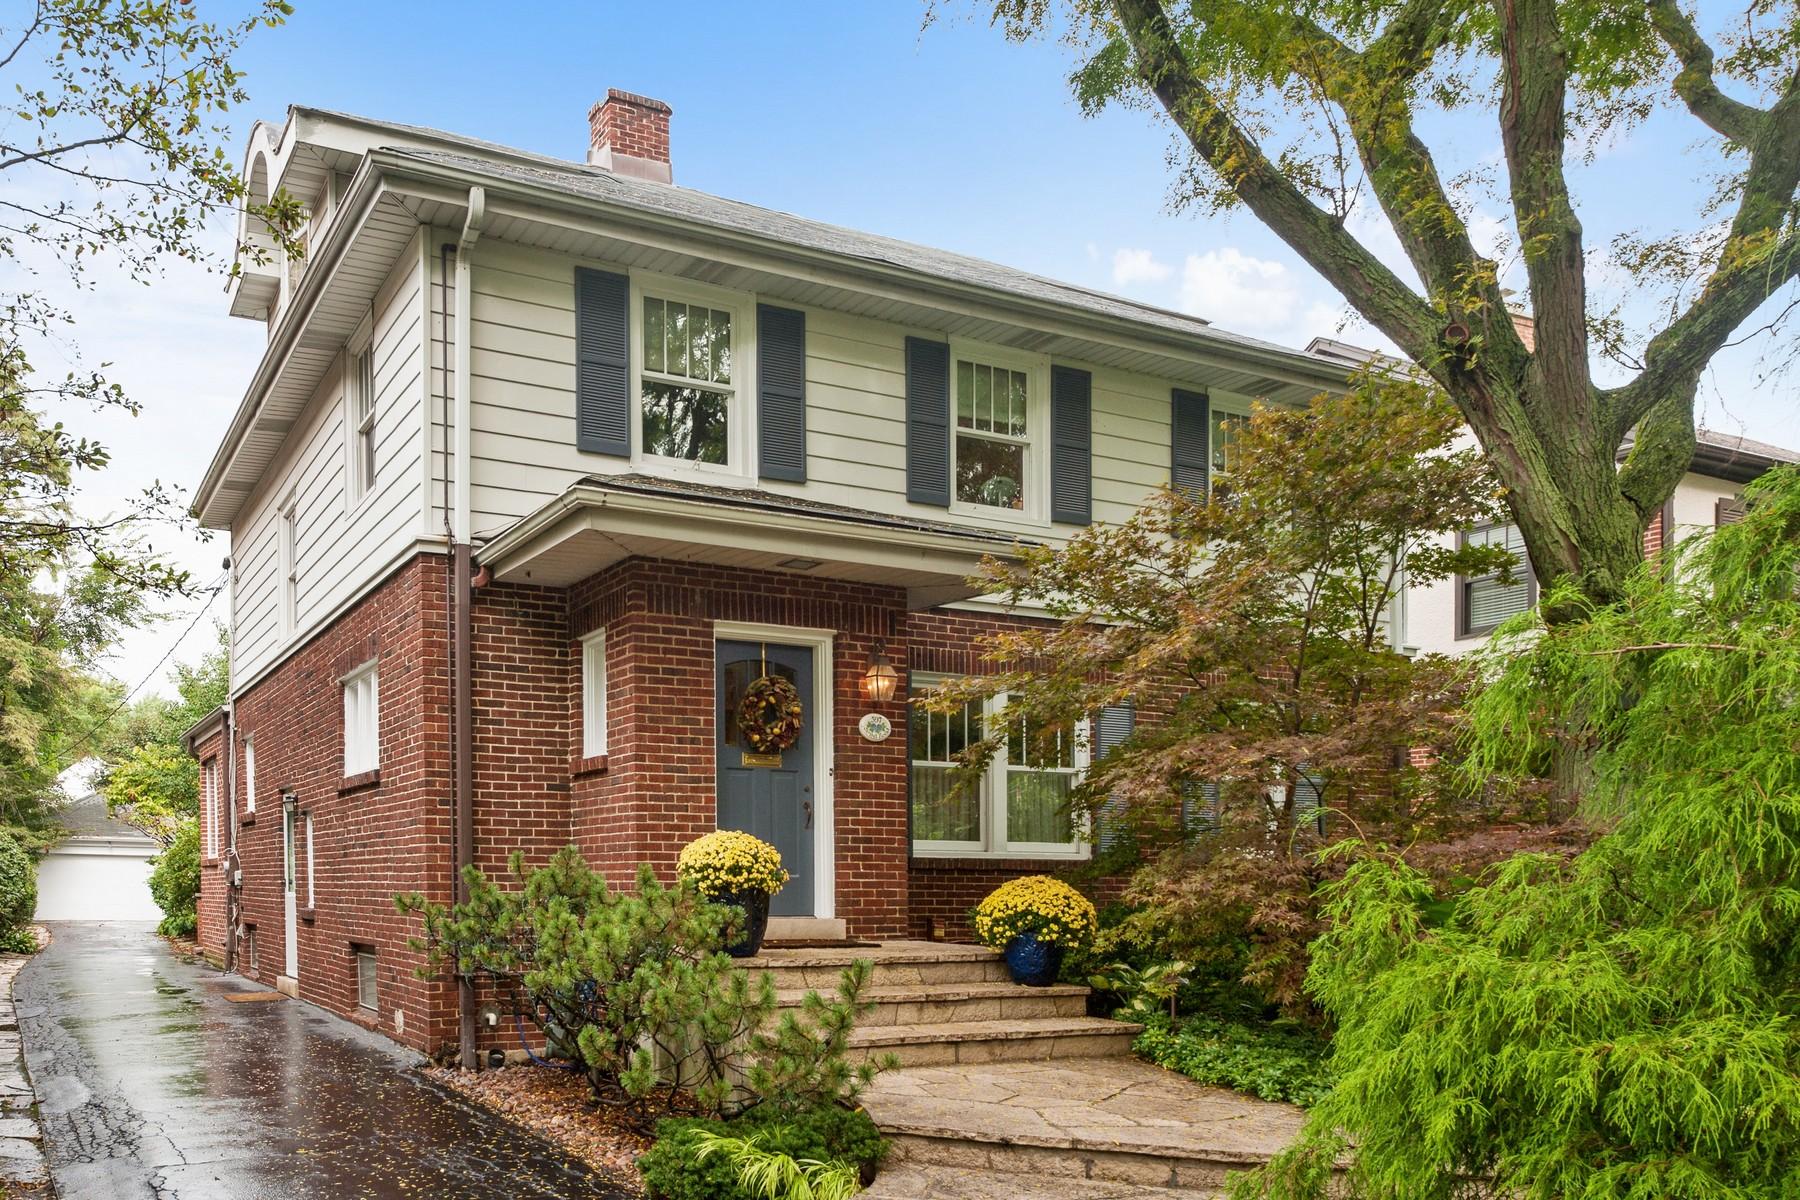 Maison unifamiliale pour l Vente à Terrific East Winnetka Home! 397 Sunset Road Winnetka, Illinois, 60093 États-Unis